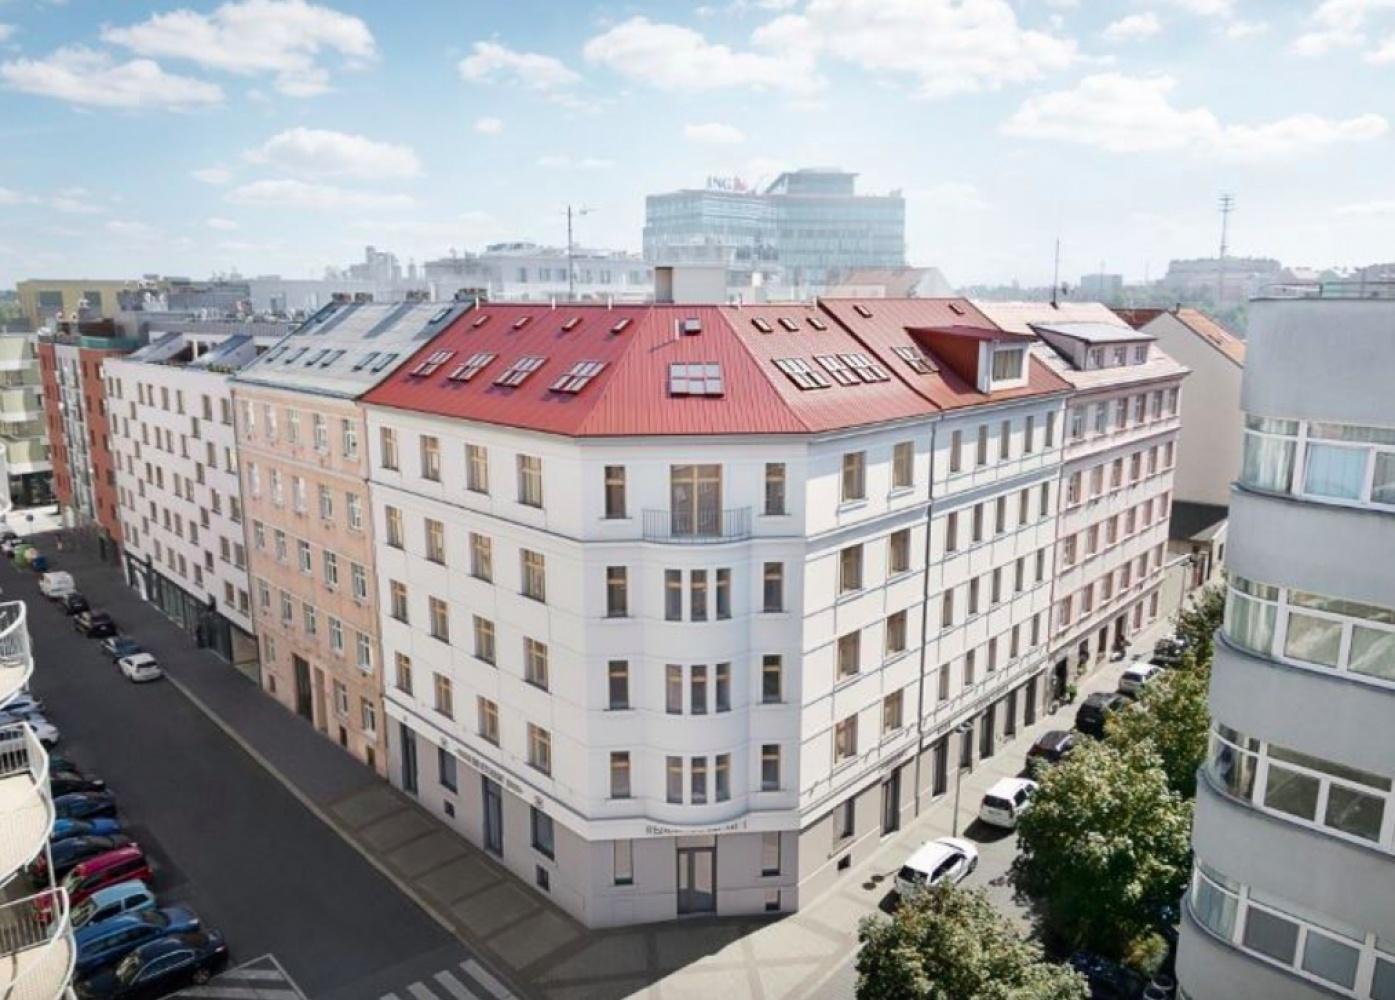 Půdní byt 4+kk, plocha 135 m², ulice Lihovarská, Praha 9 - Libeň | 1